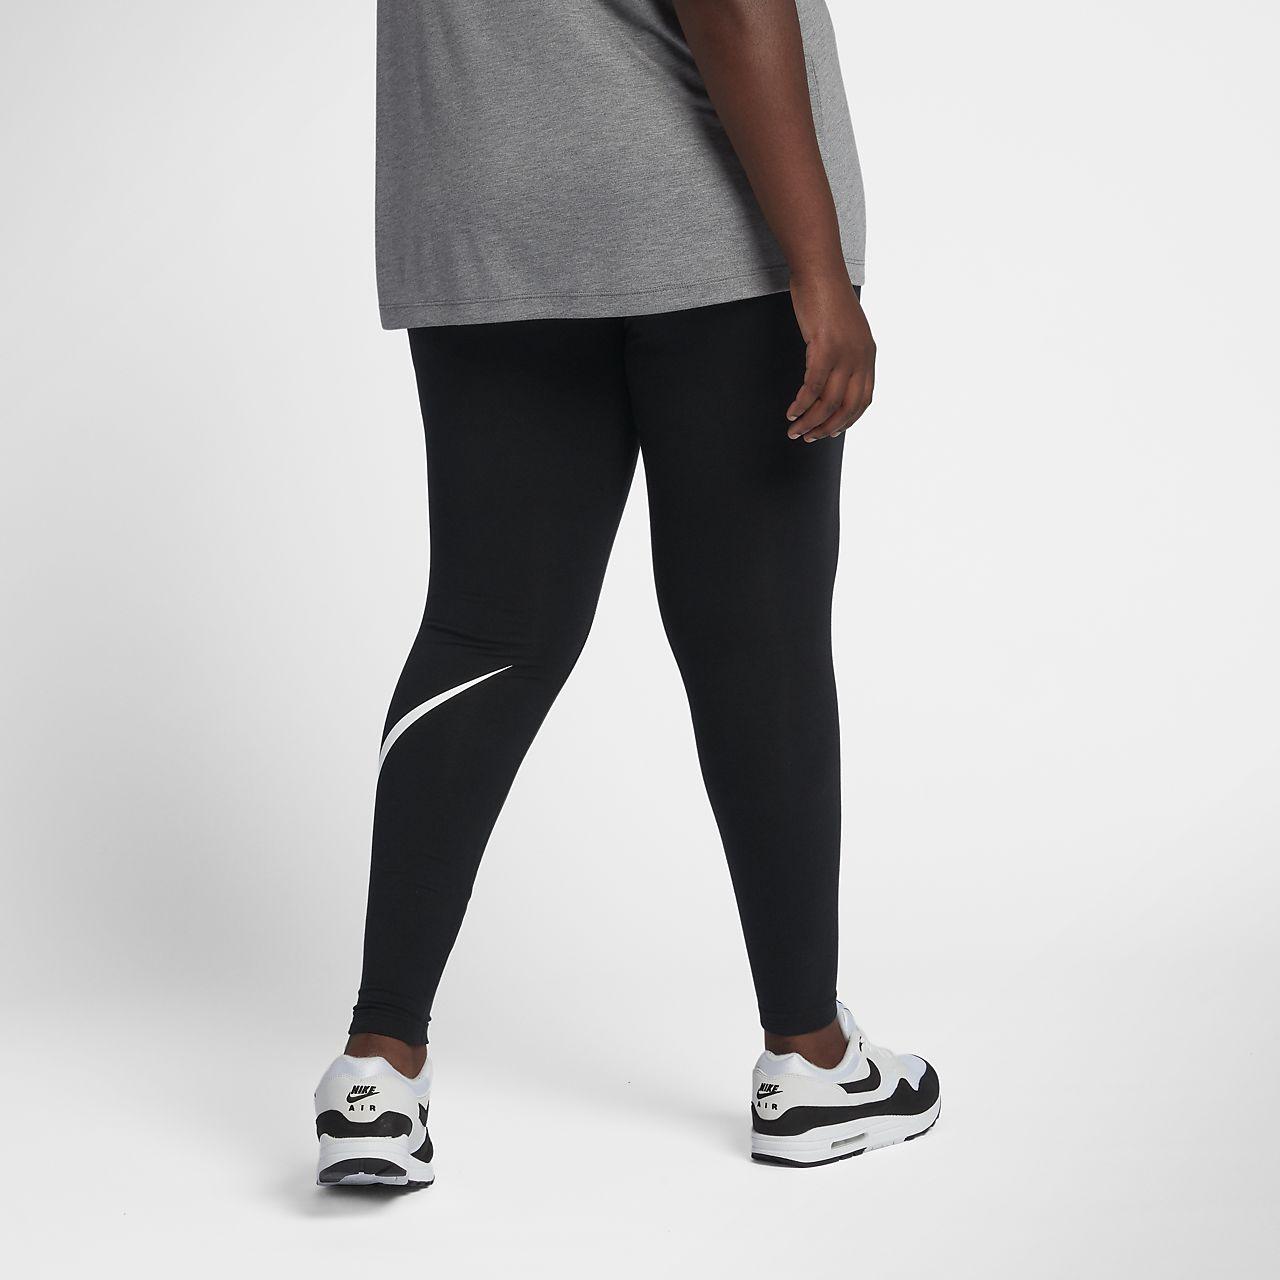 d035209380f19 Nike Sportswear Women's Leggings (Plus Size). Nike.com AU